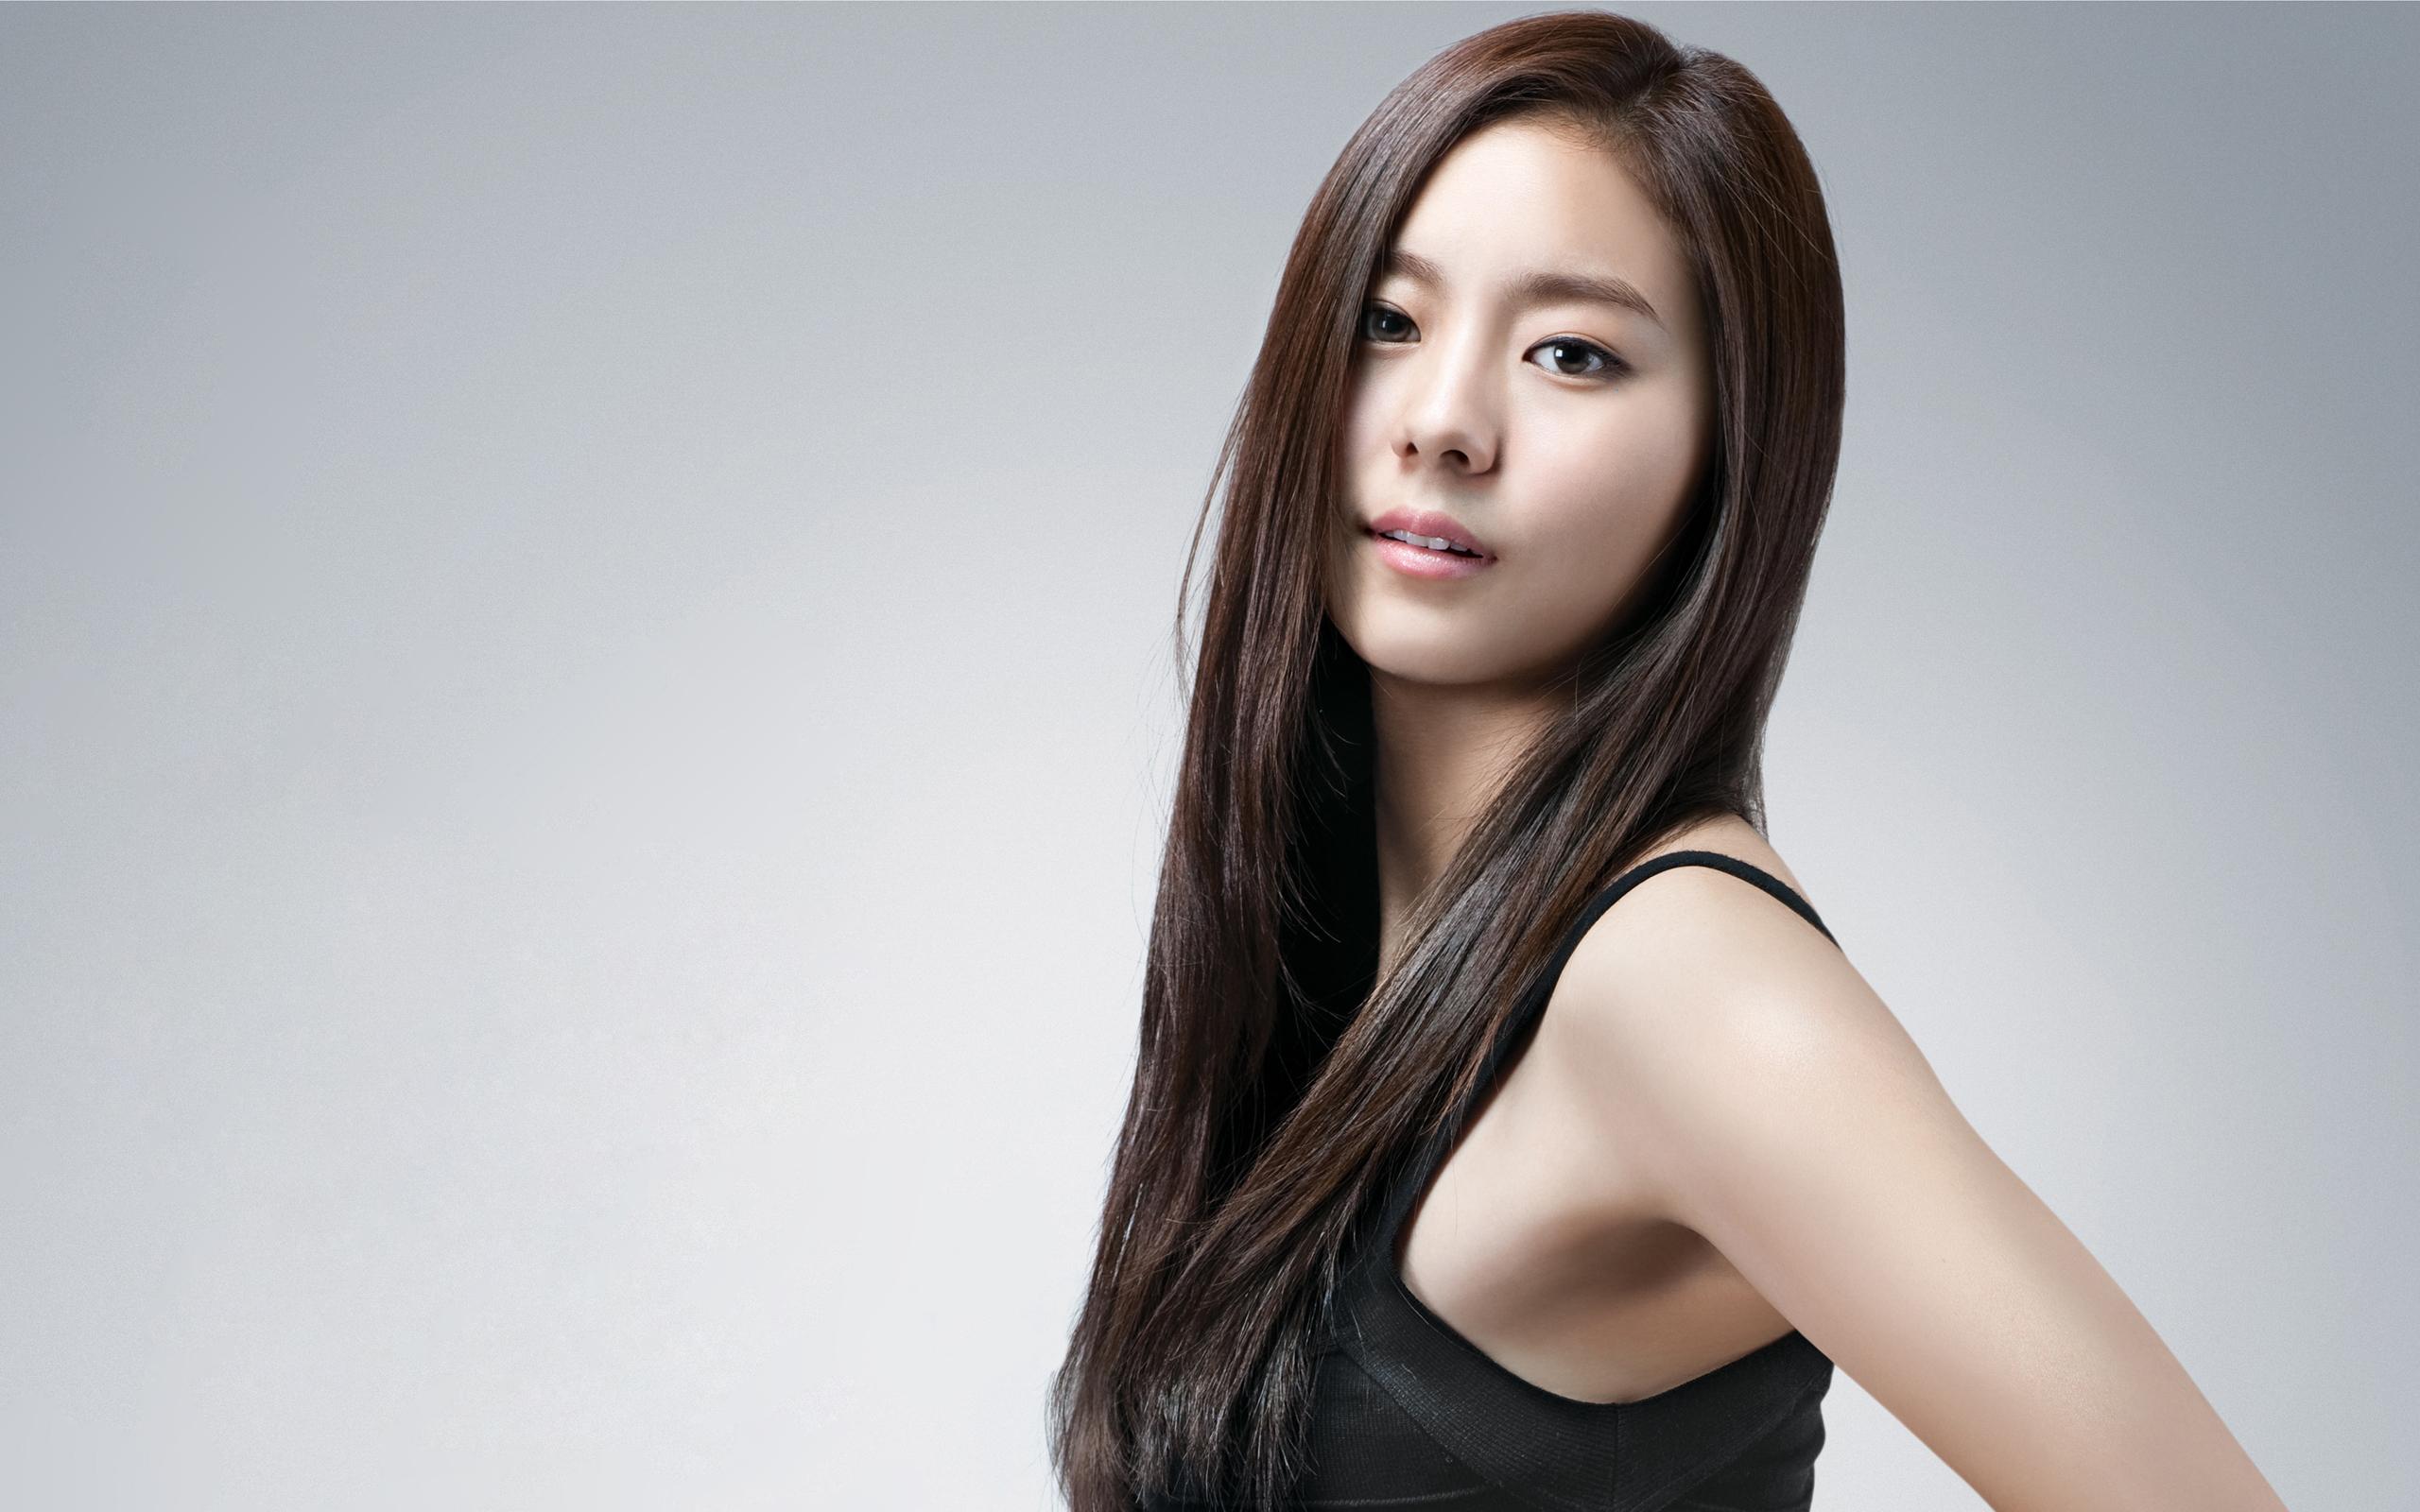 ดาราเกาหลี Uee - ยูอี : ประวัติ ผลงานเพลง ผลงานละครของ Uee Fanclub